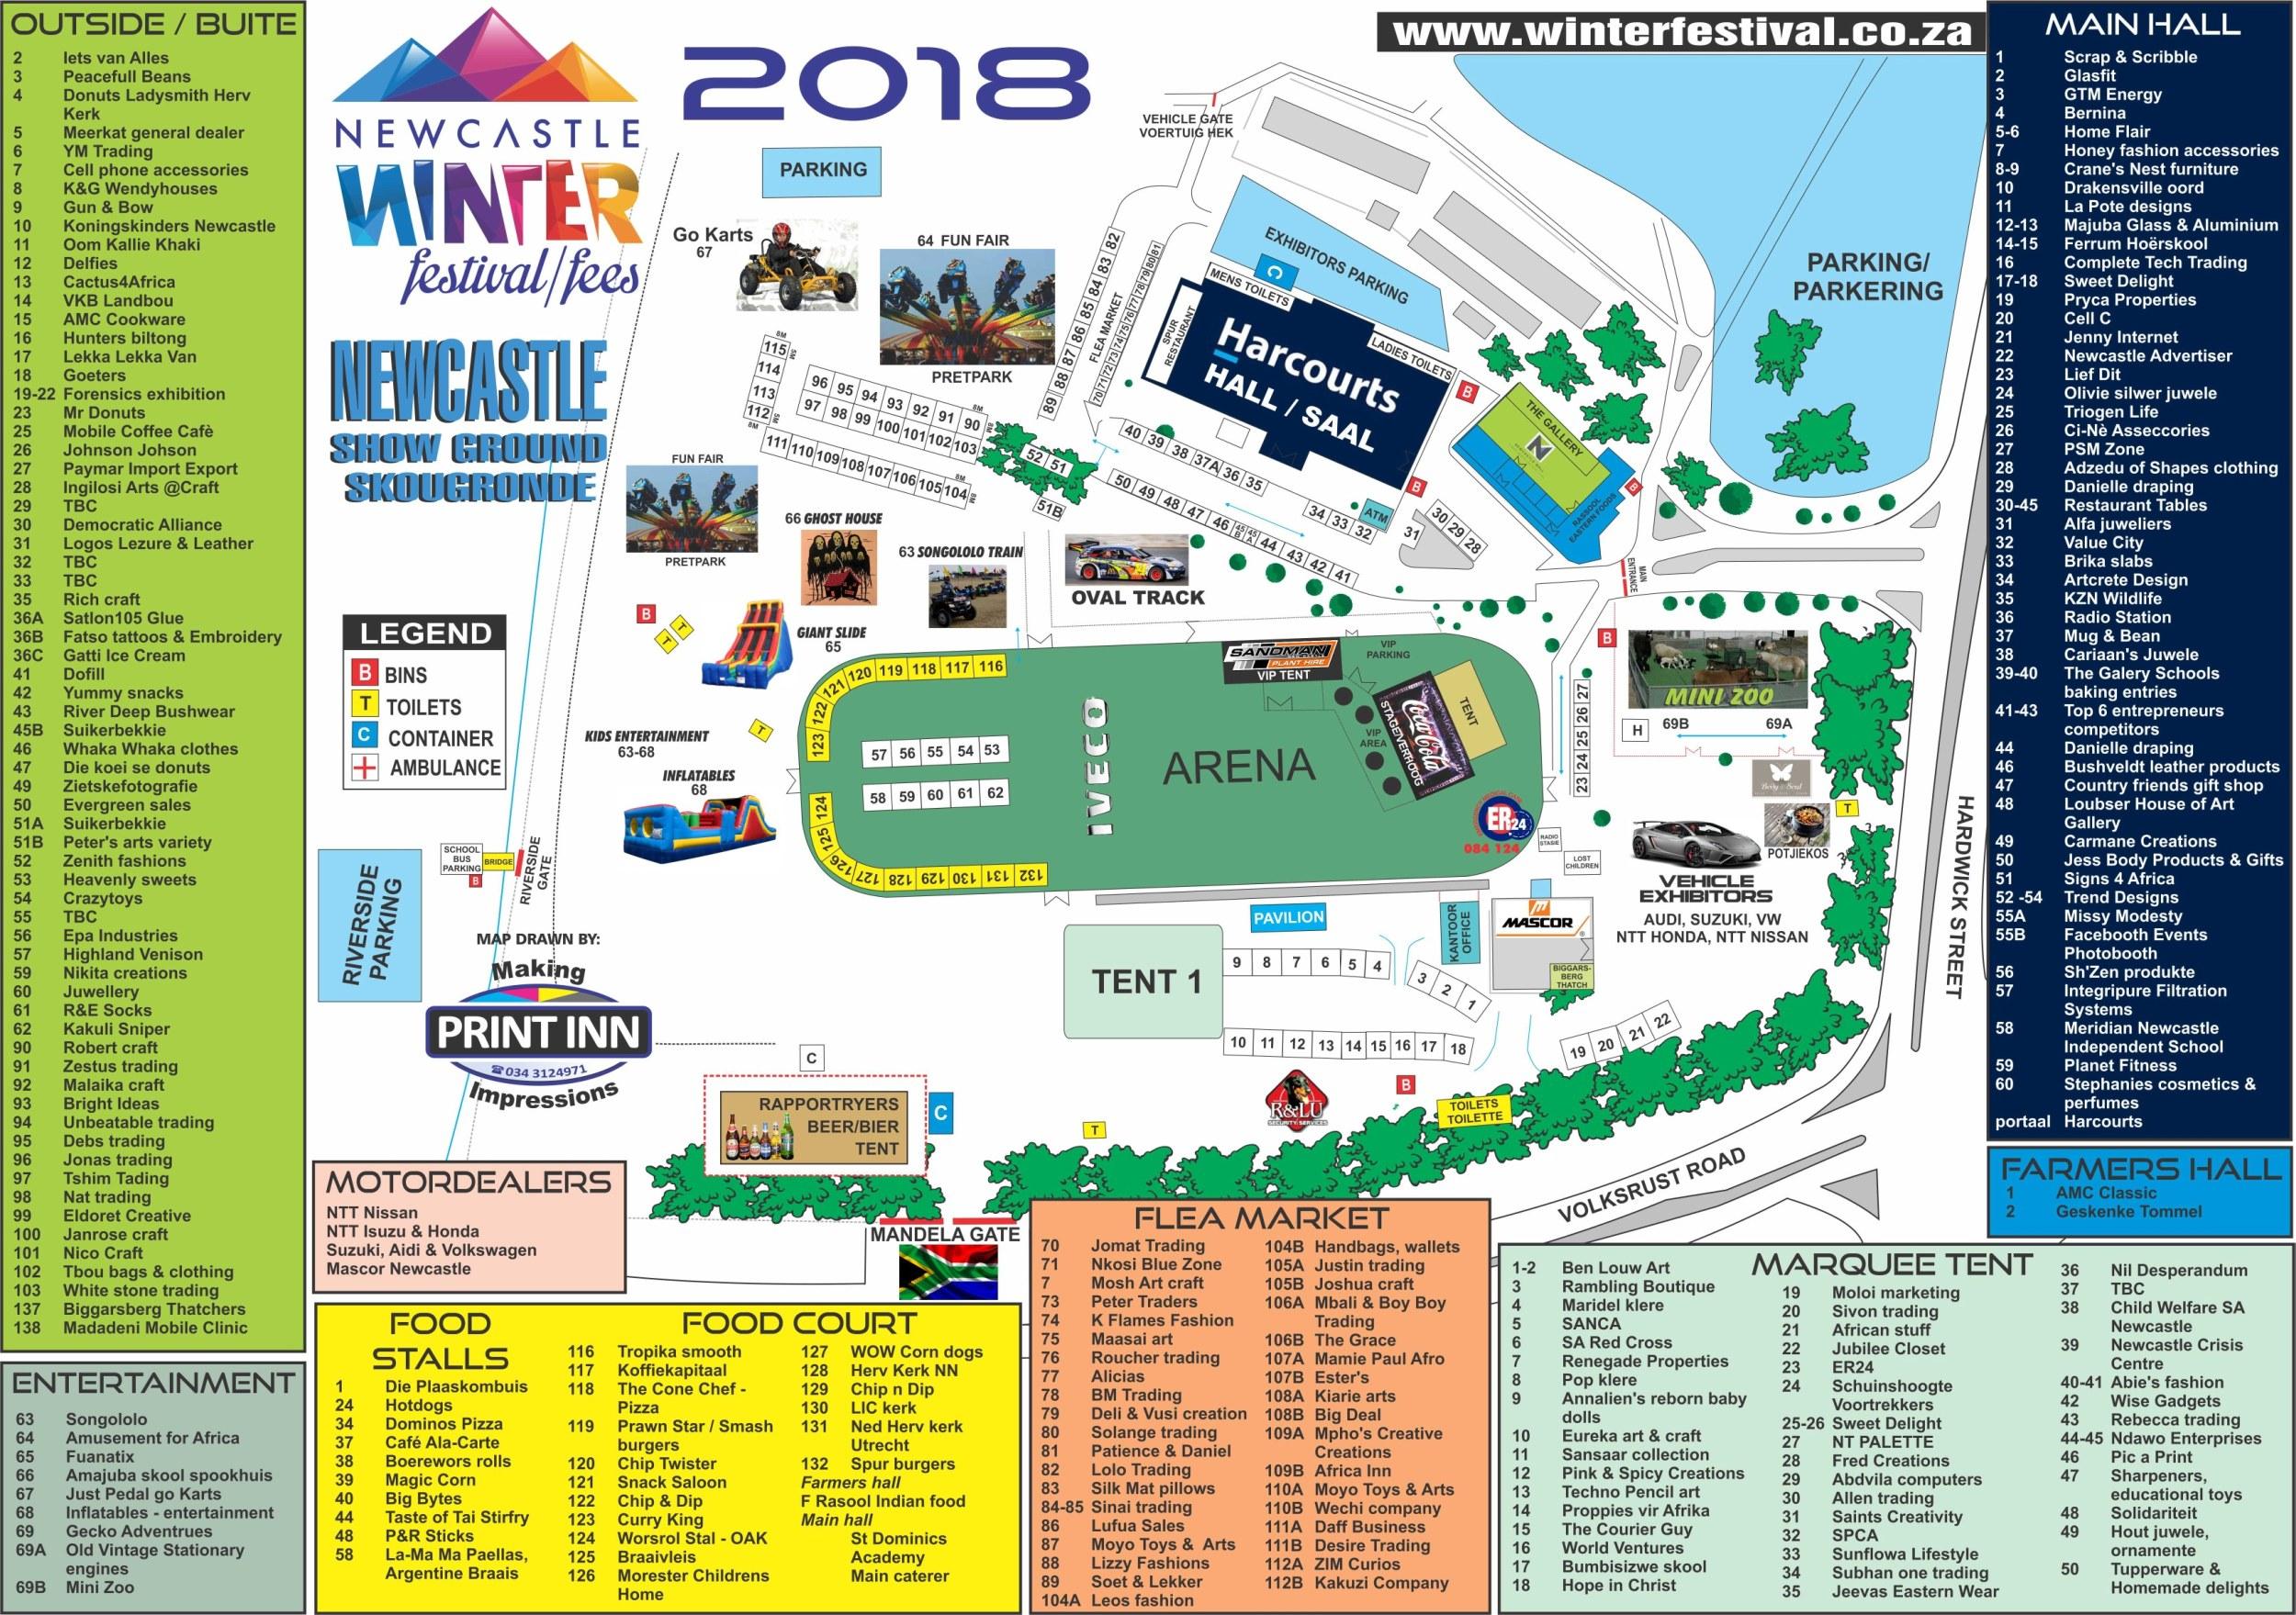 Showgrounds Plan